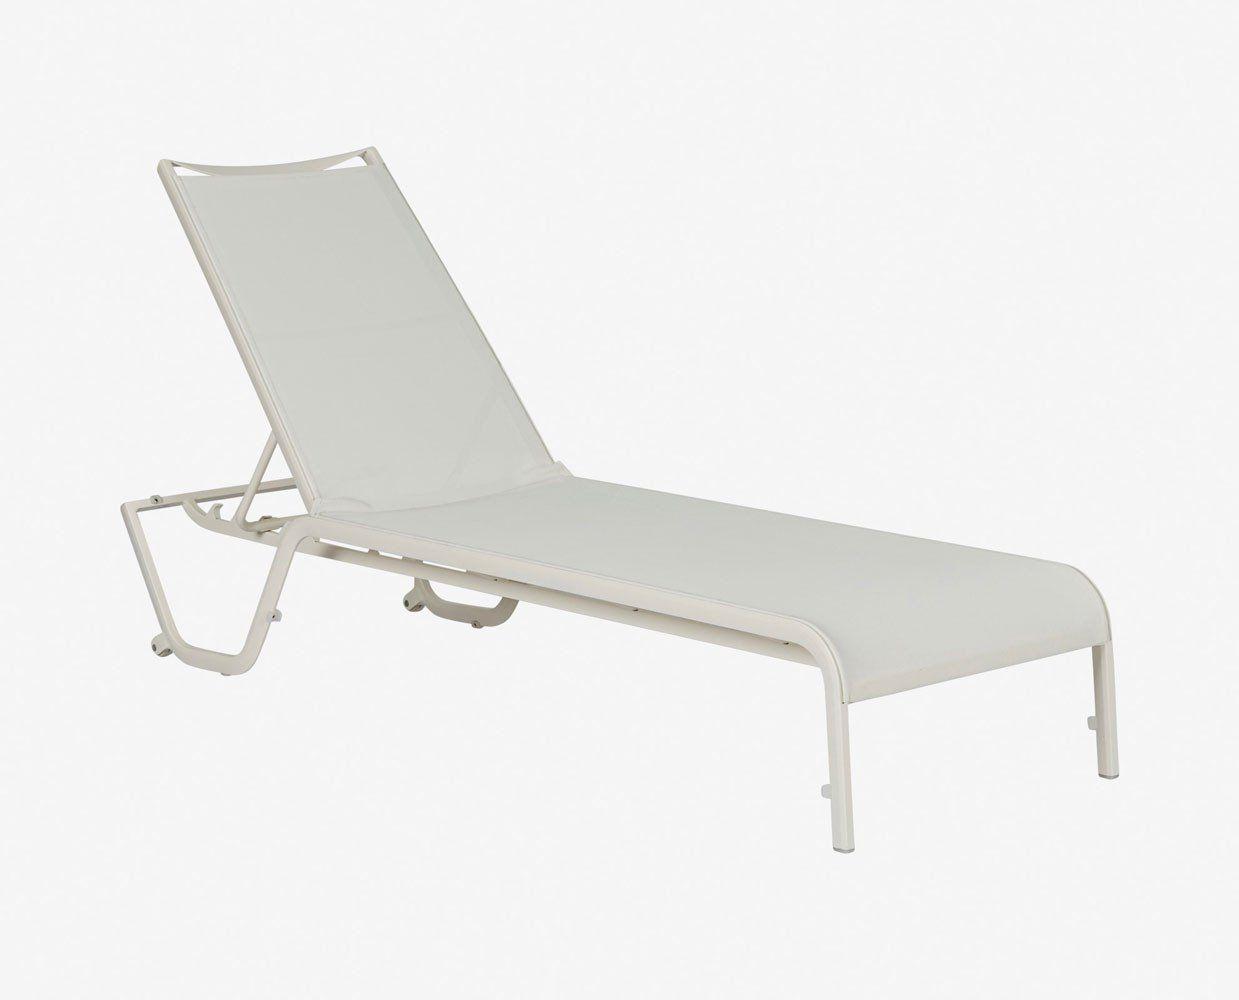 Synne Lounger Scandinavian Designs Chair Backs Outdoor Furniture Decor Design